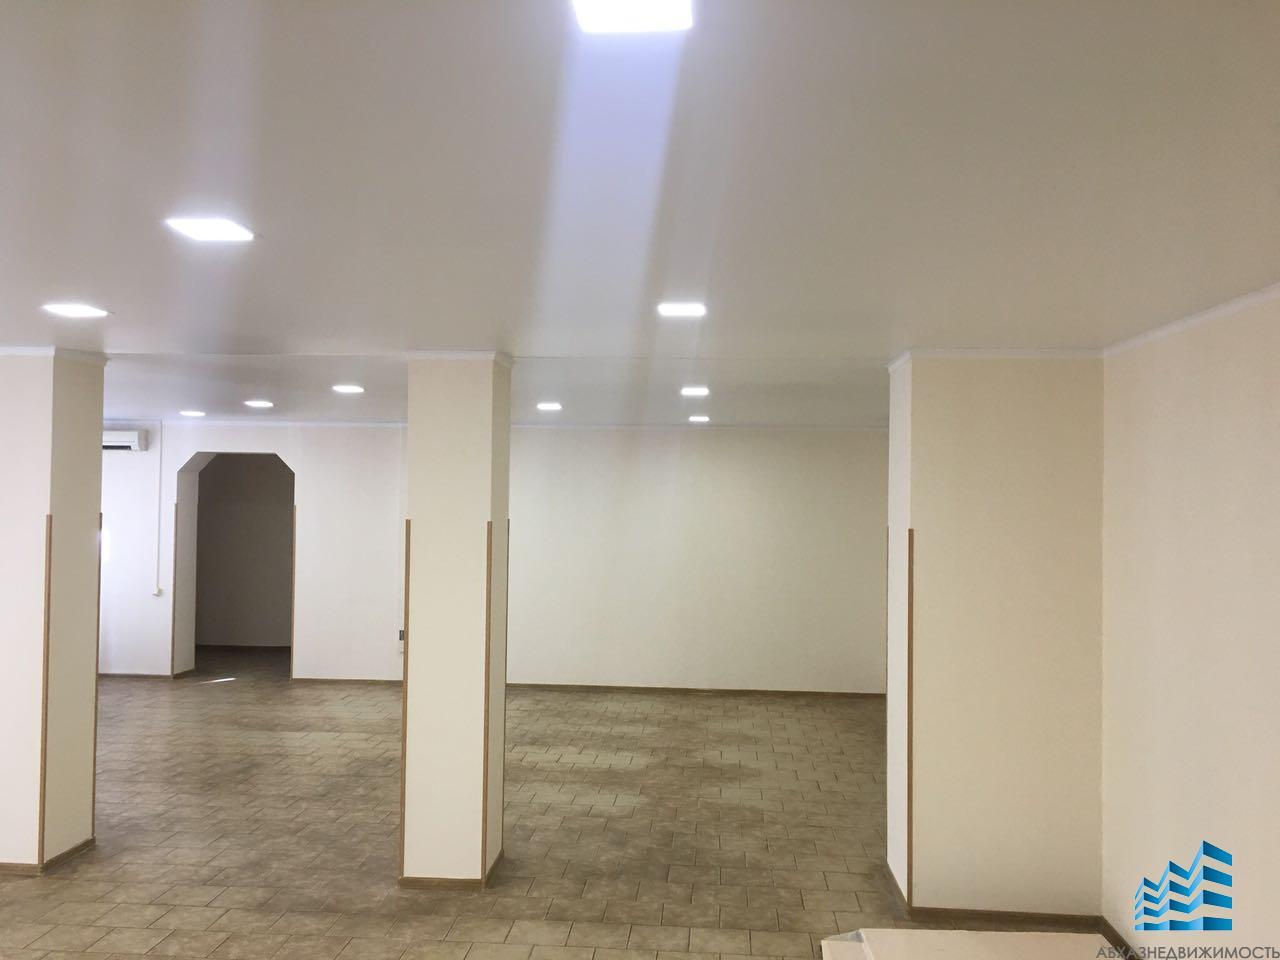 Помещение 124 кв.м.в аренду в центре Сухума, район часов